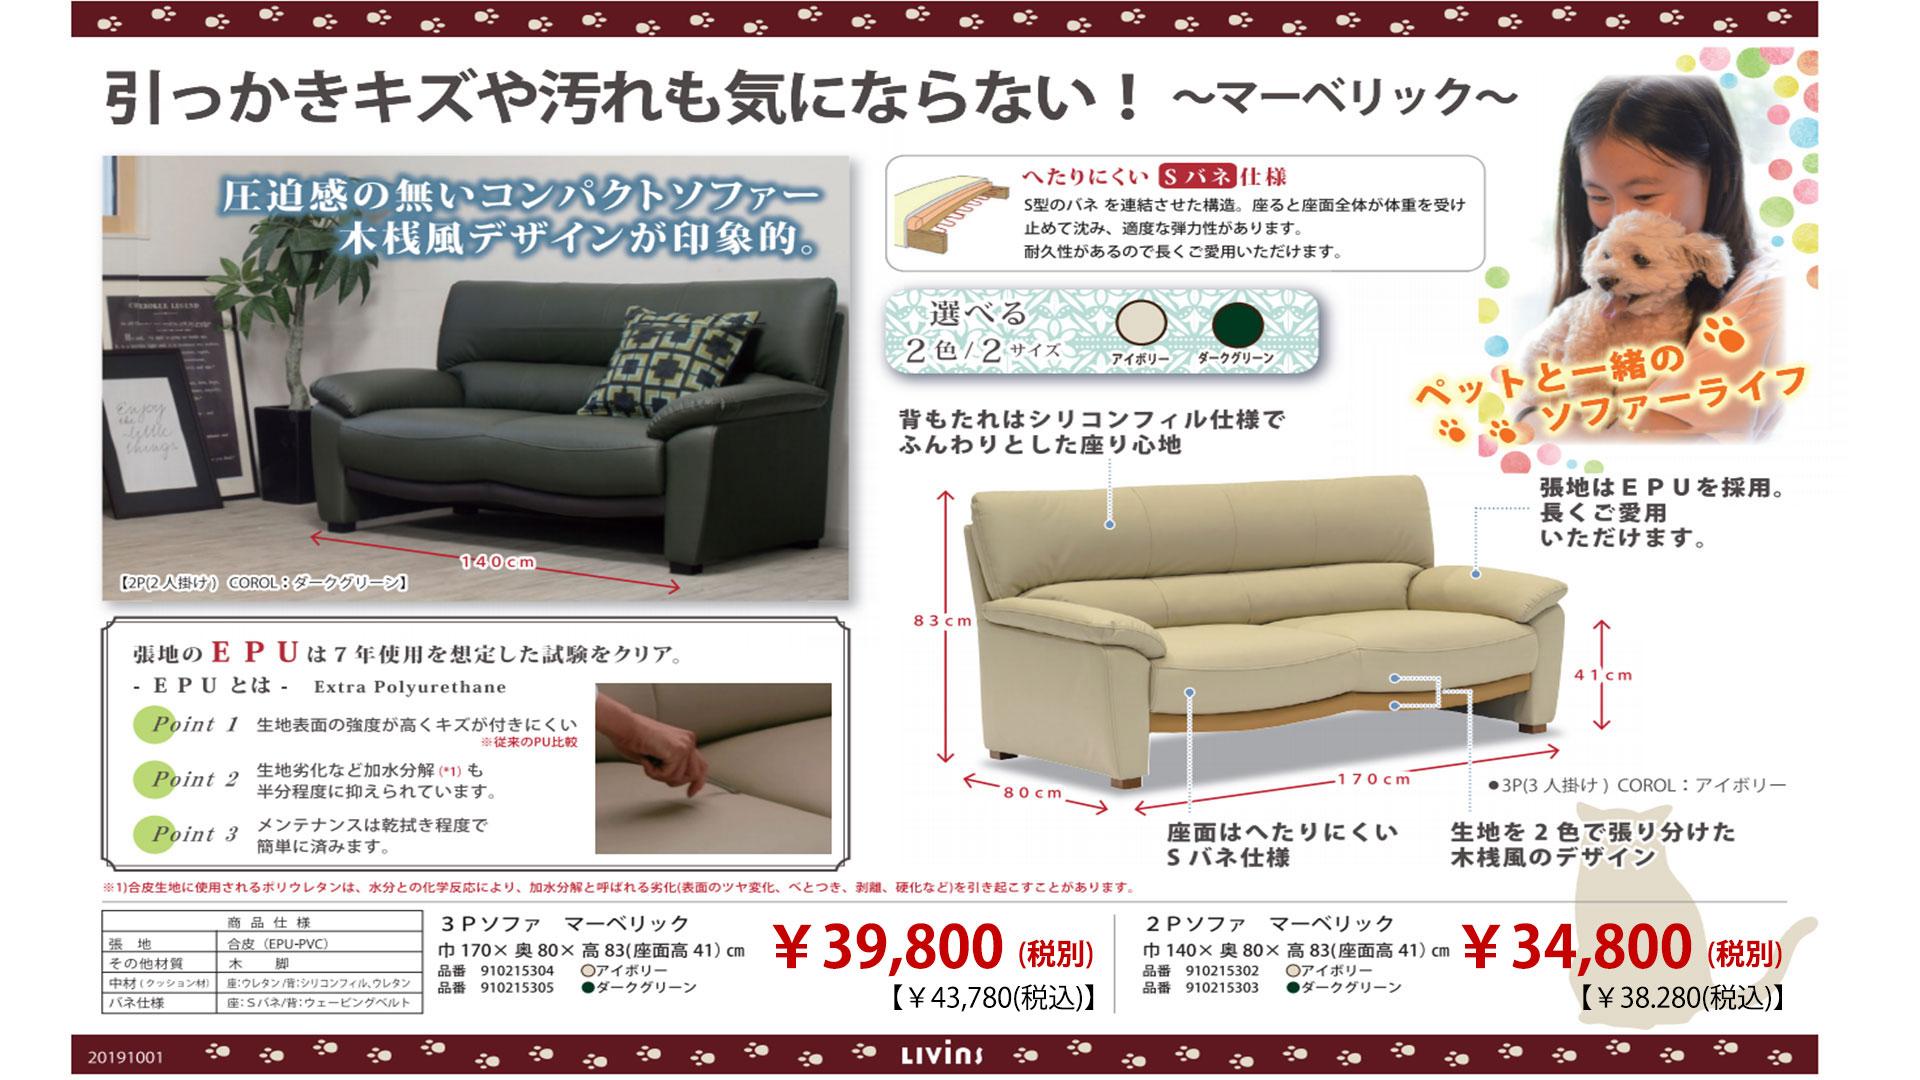 リビンズのソファ「マーベリック」のPOPの画像